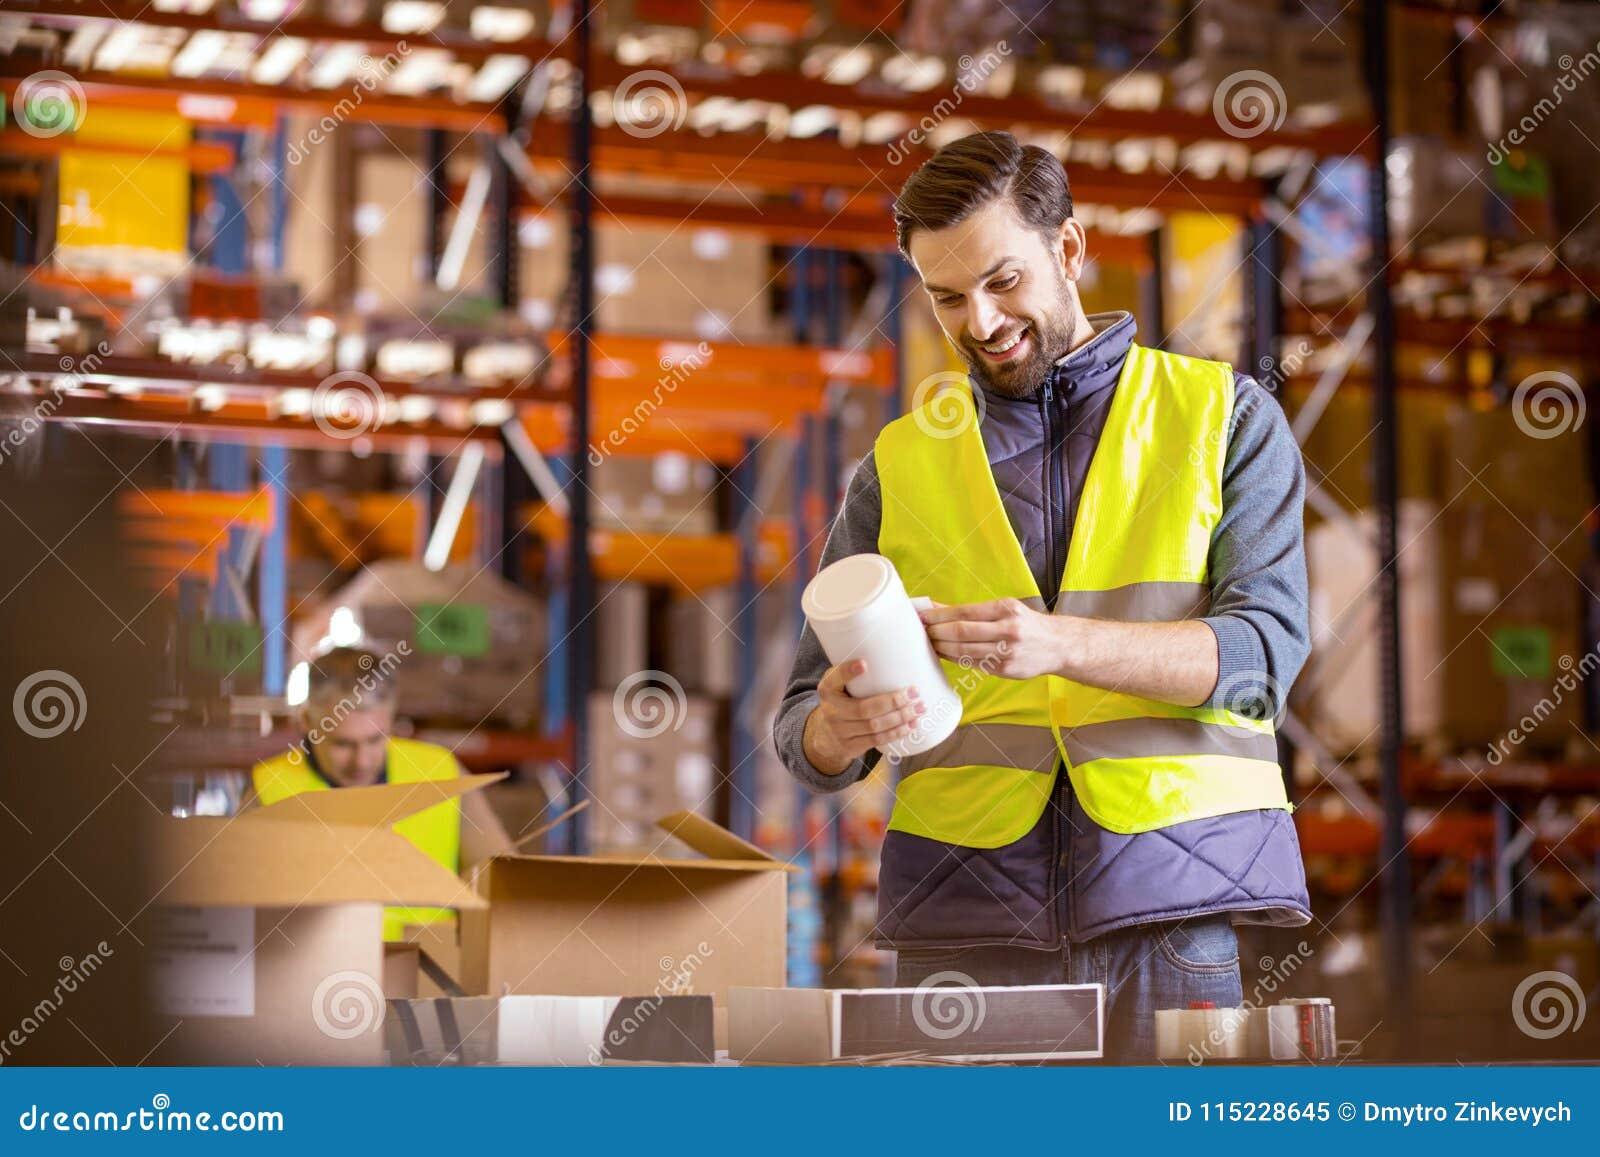 Trabalhador alegre do armazém que põe etiquetas